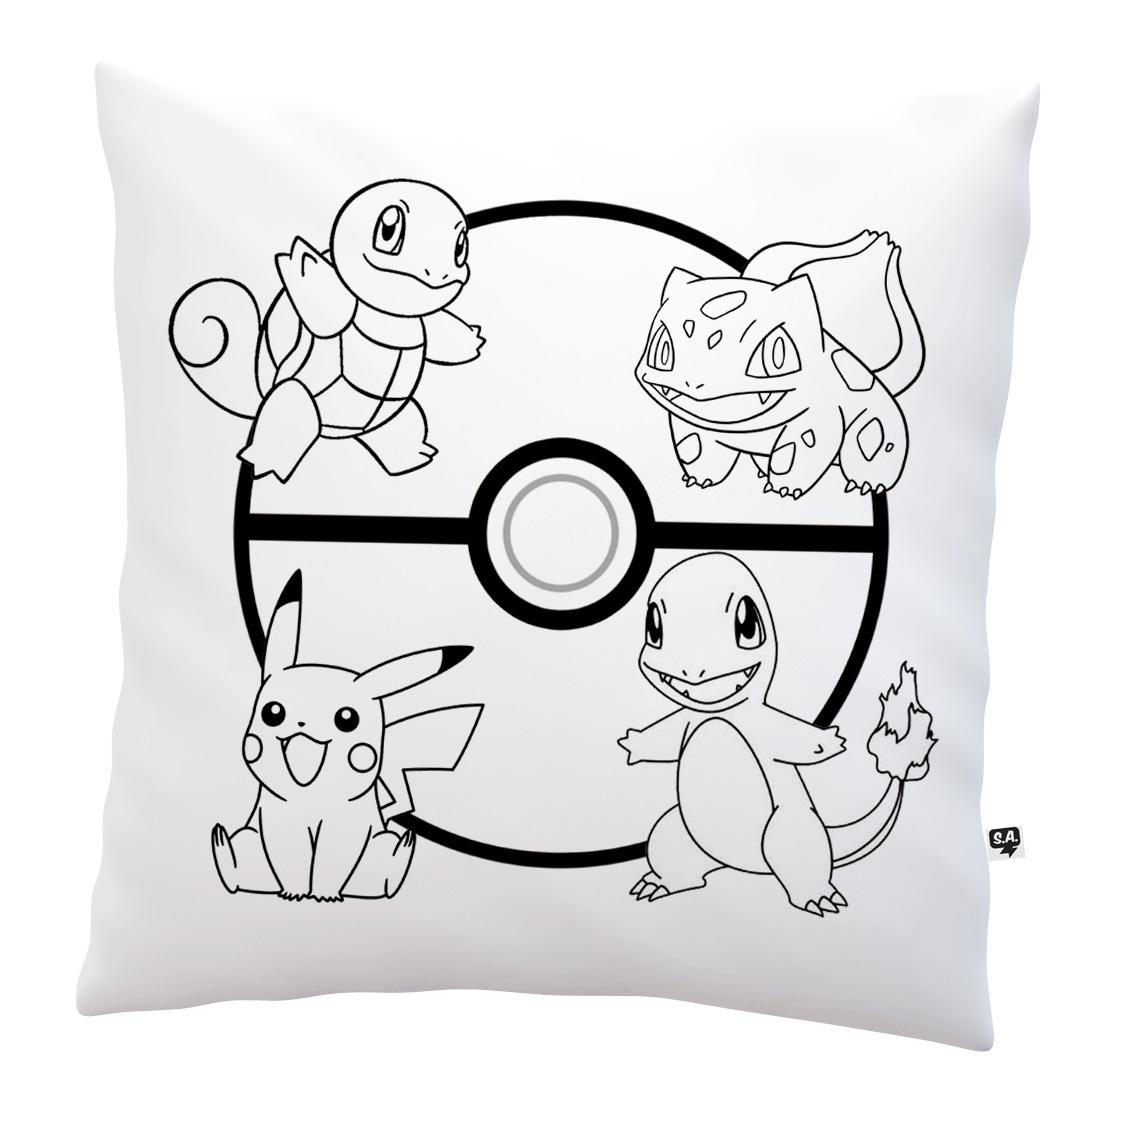 almofada para colorir pokemon no elo7 camiseteria sa 784f35